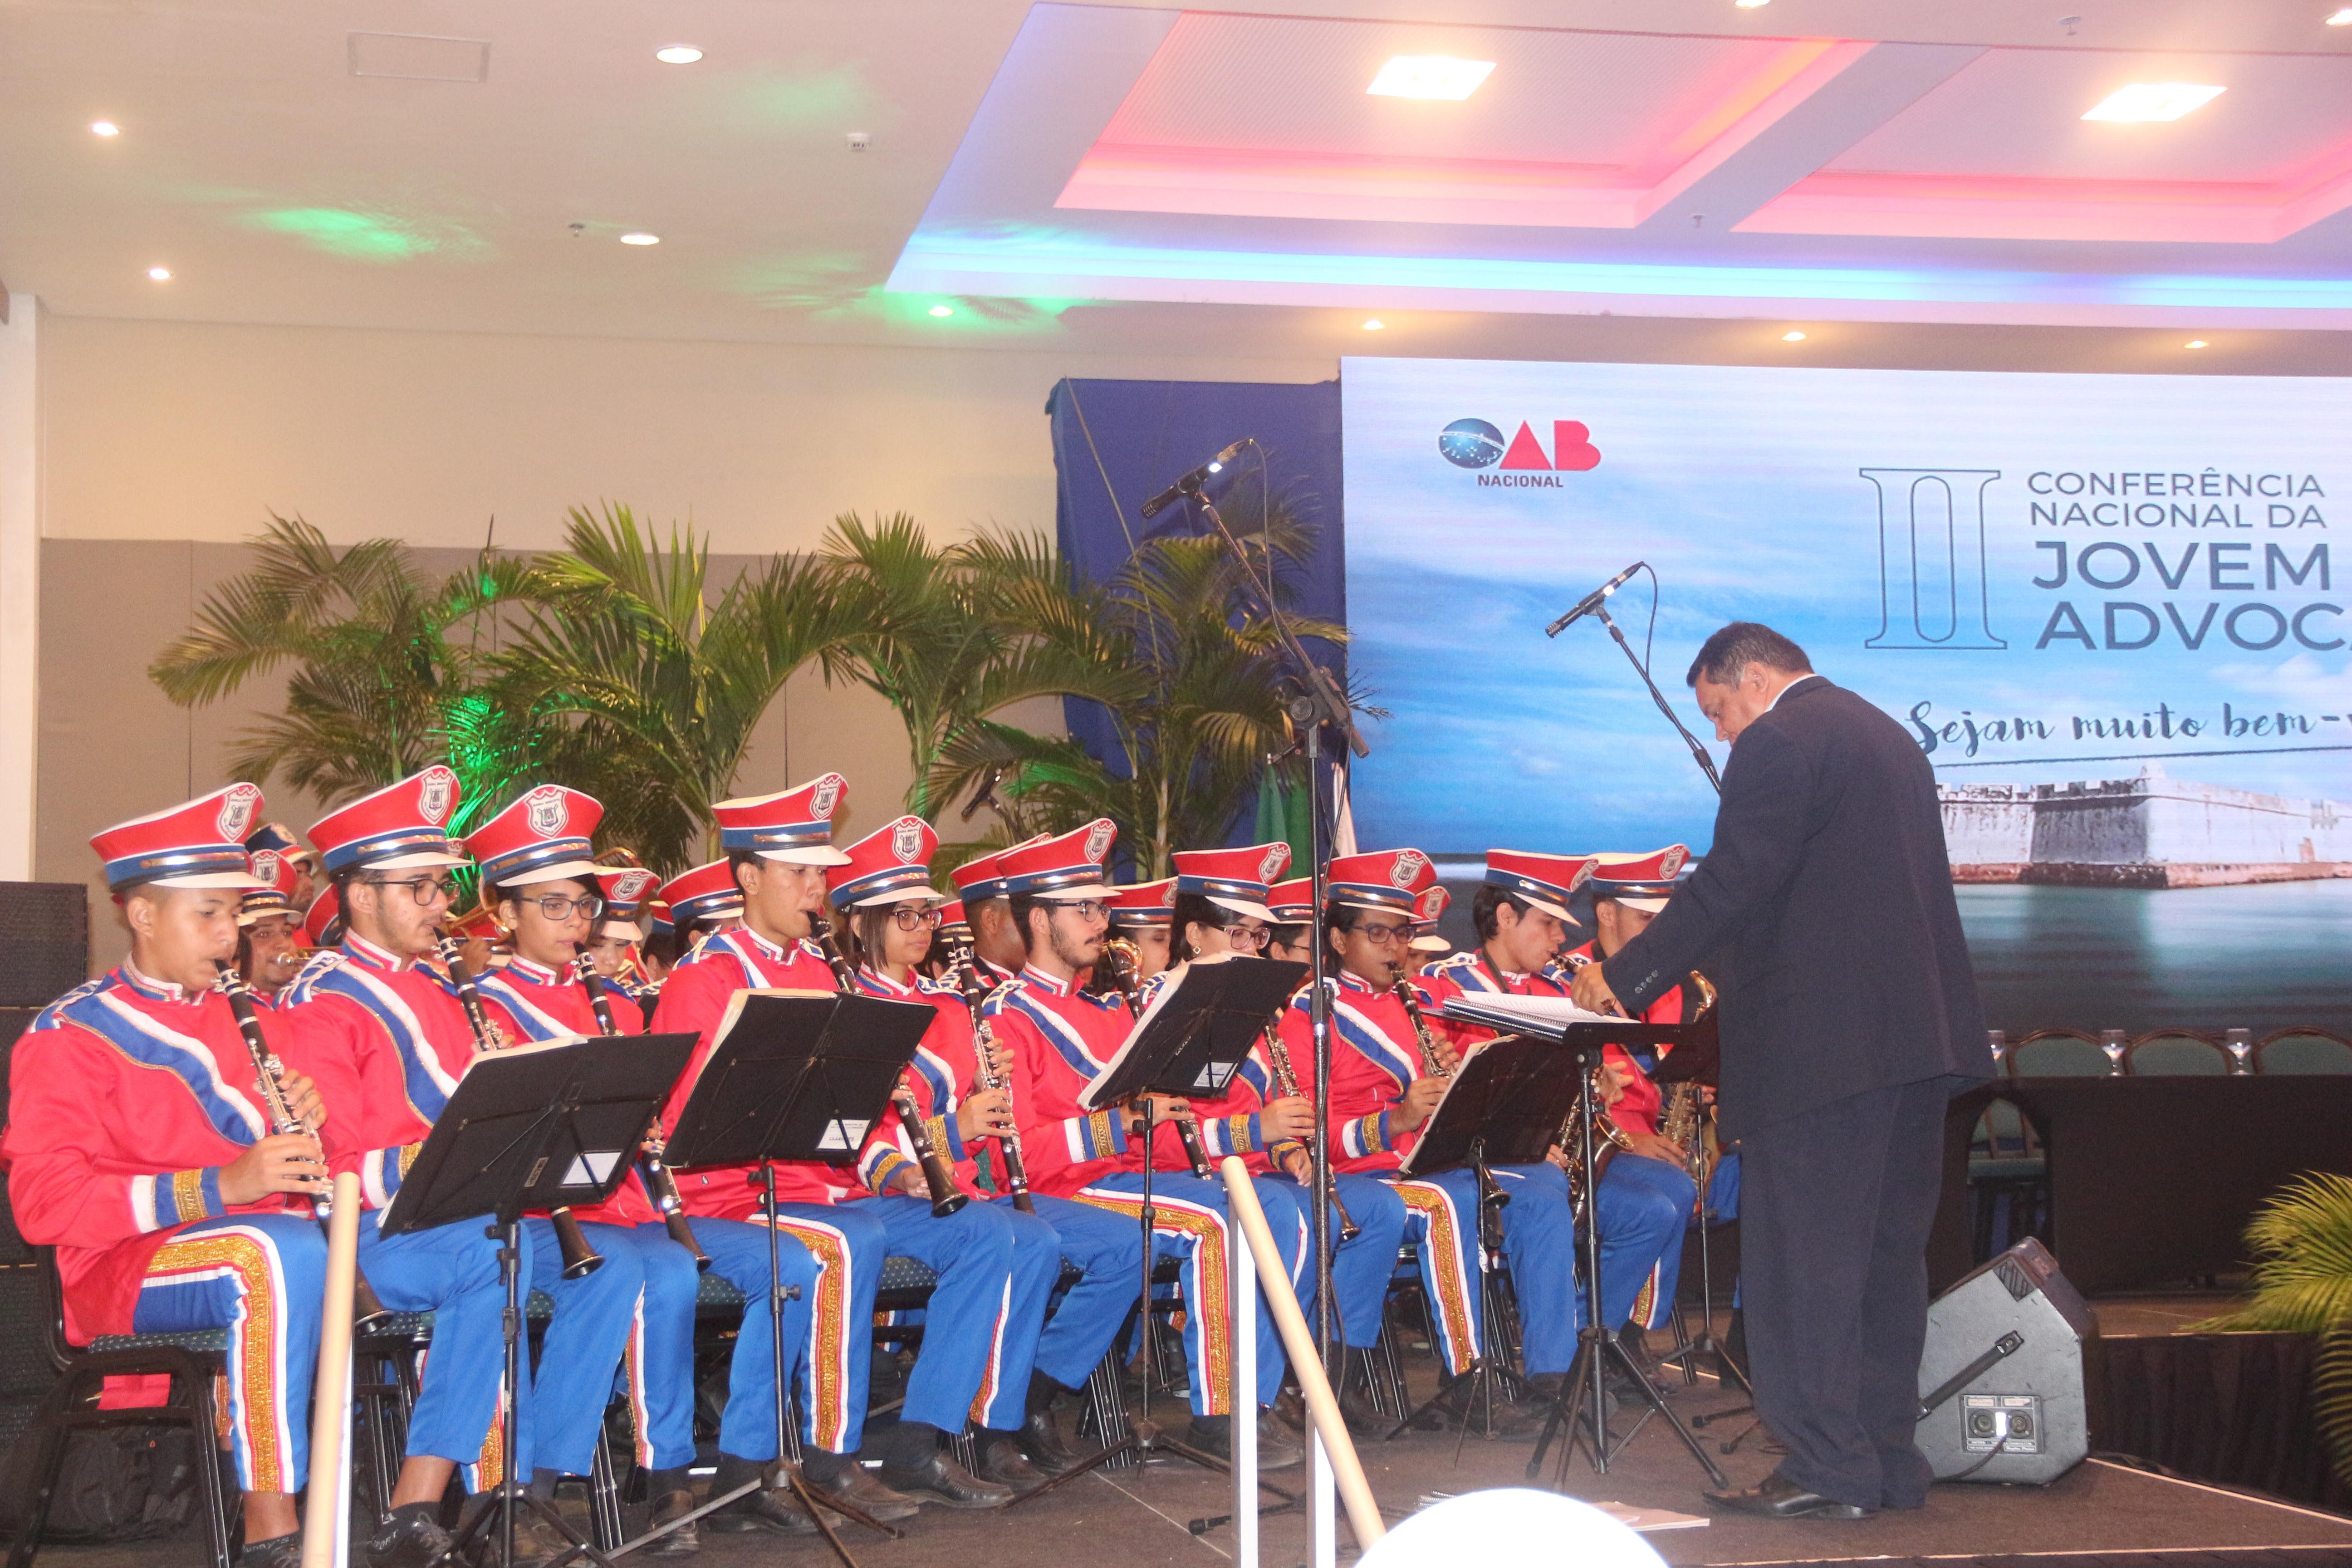 Grupos culturais de São Gonçalo se destacam em apresentação na capital Potiguar